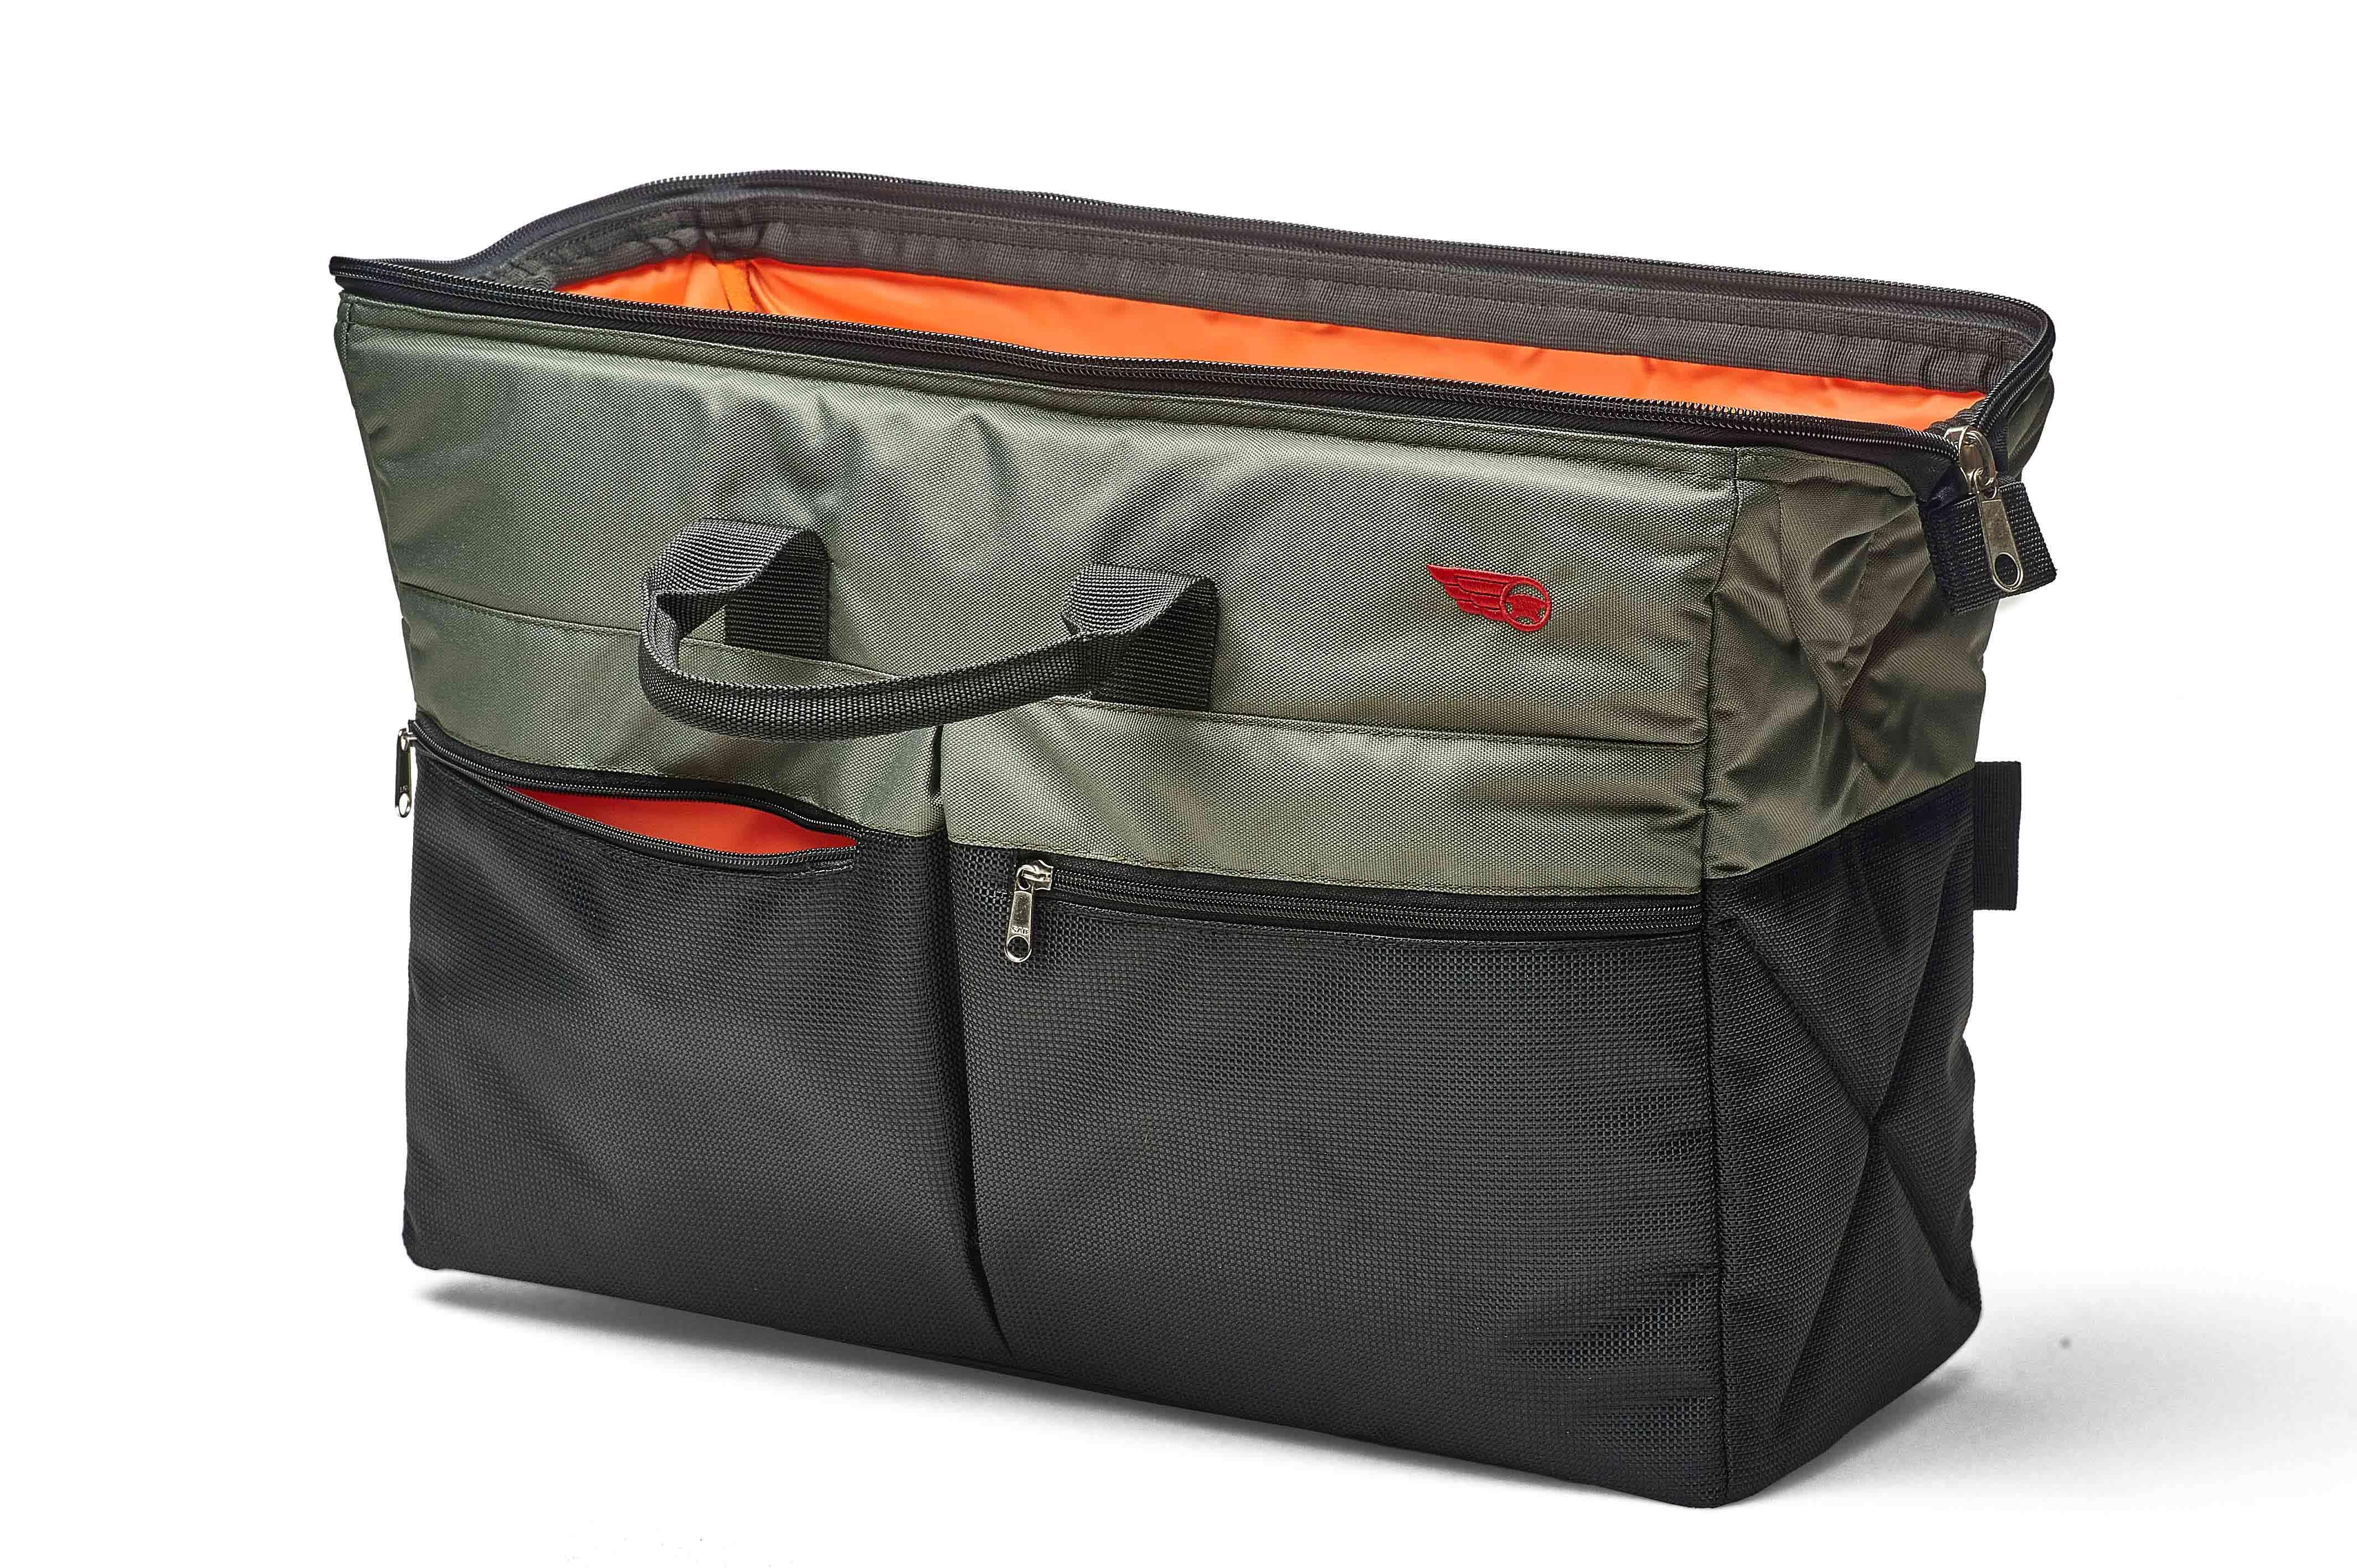 1449875b6a80 Дорожная сумка-органайзер для автомобиля ТрендБай Дампин 35, черный/зеленый